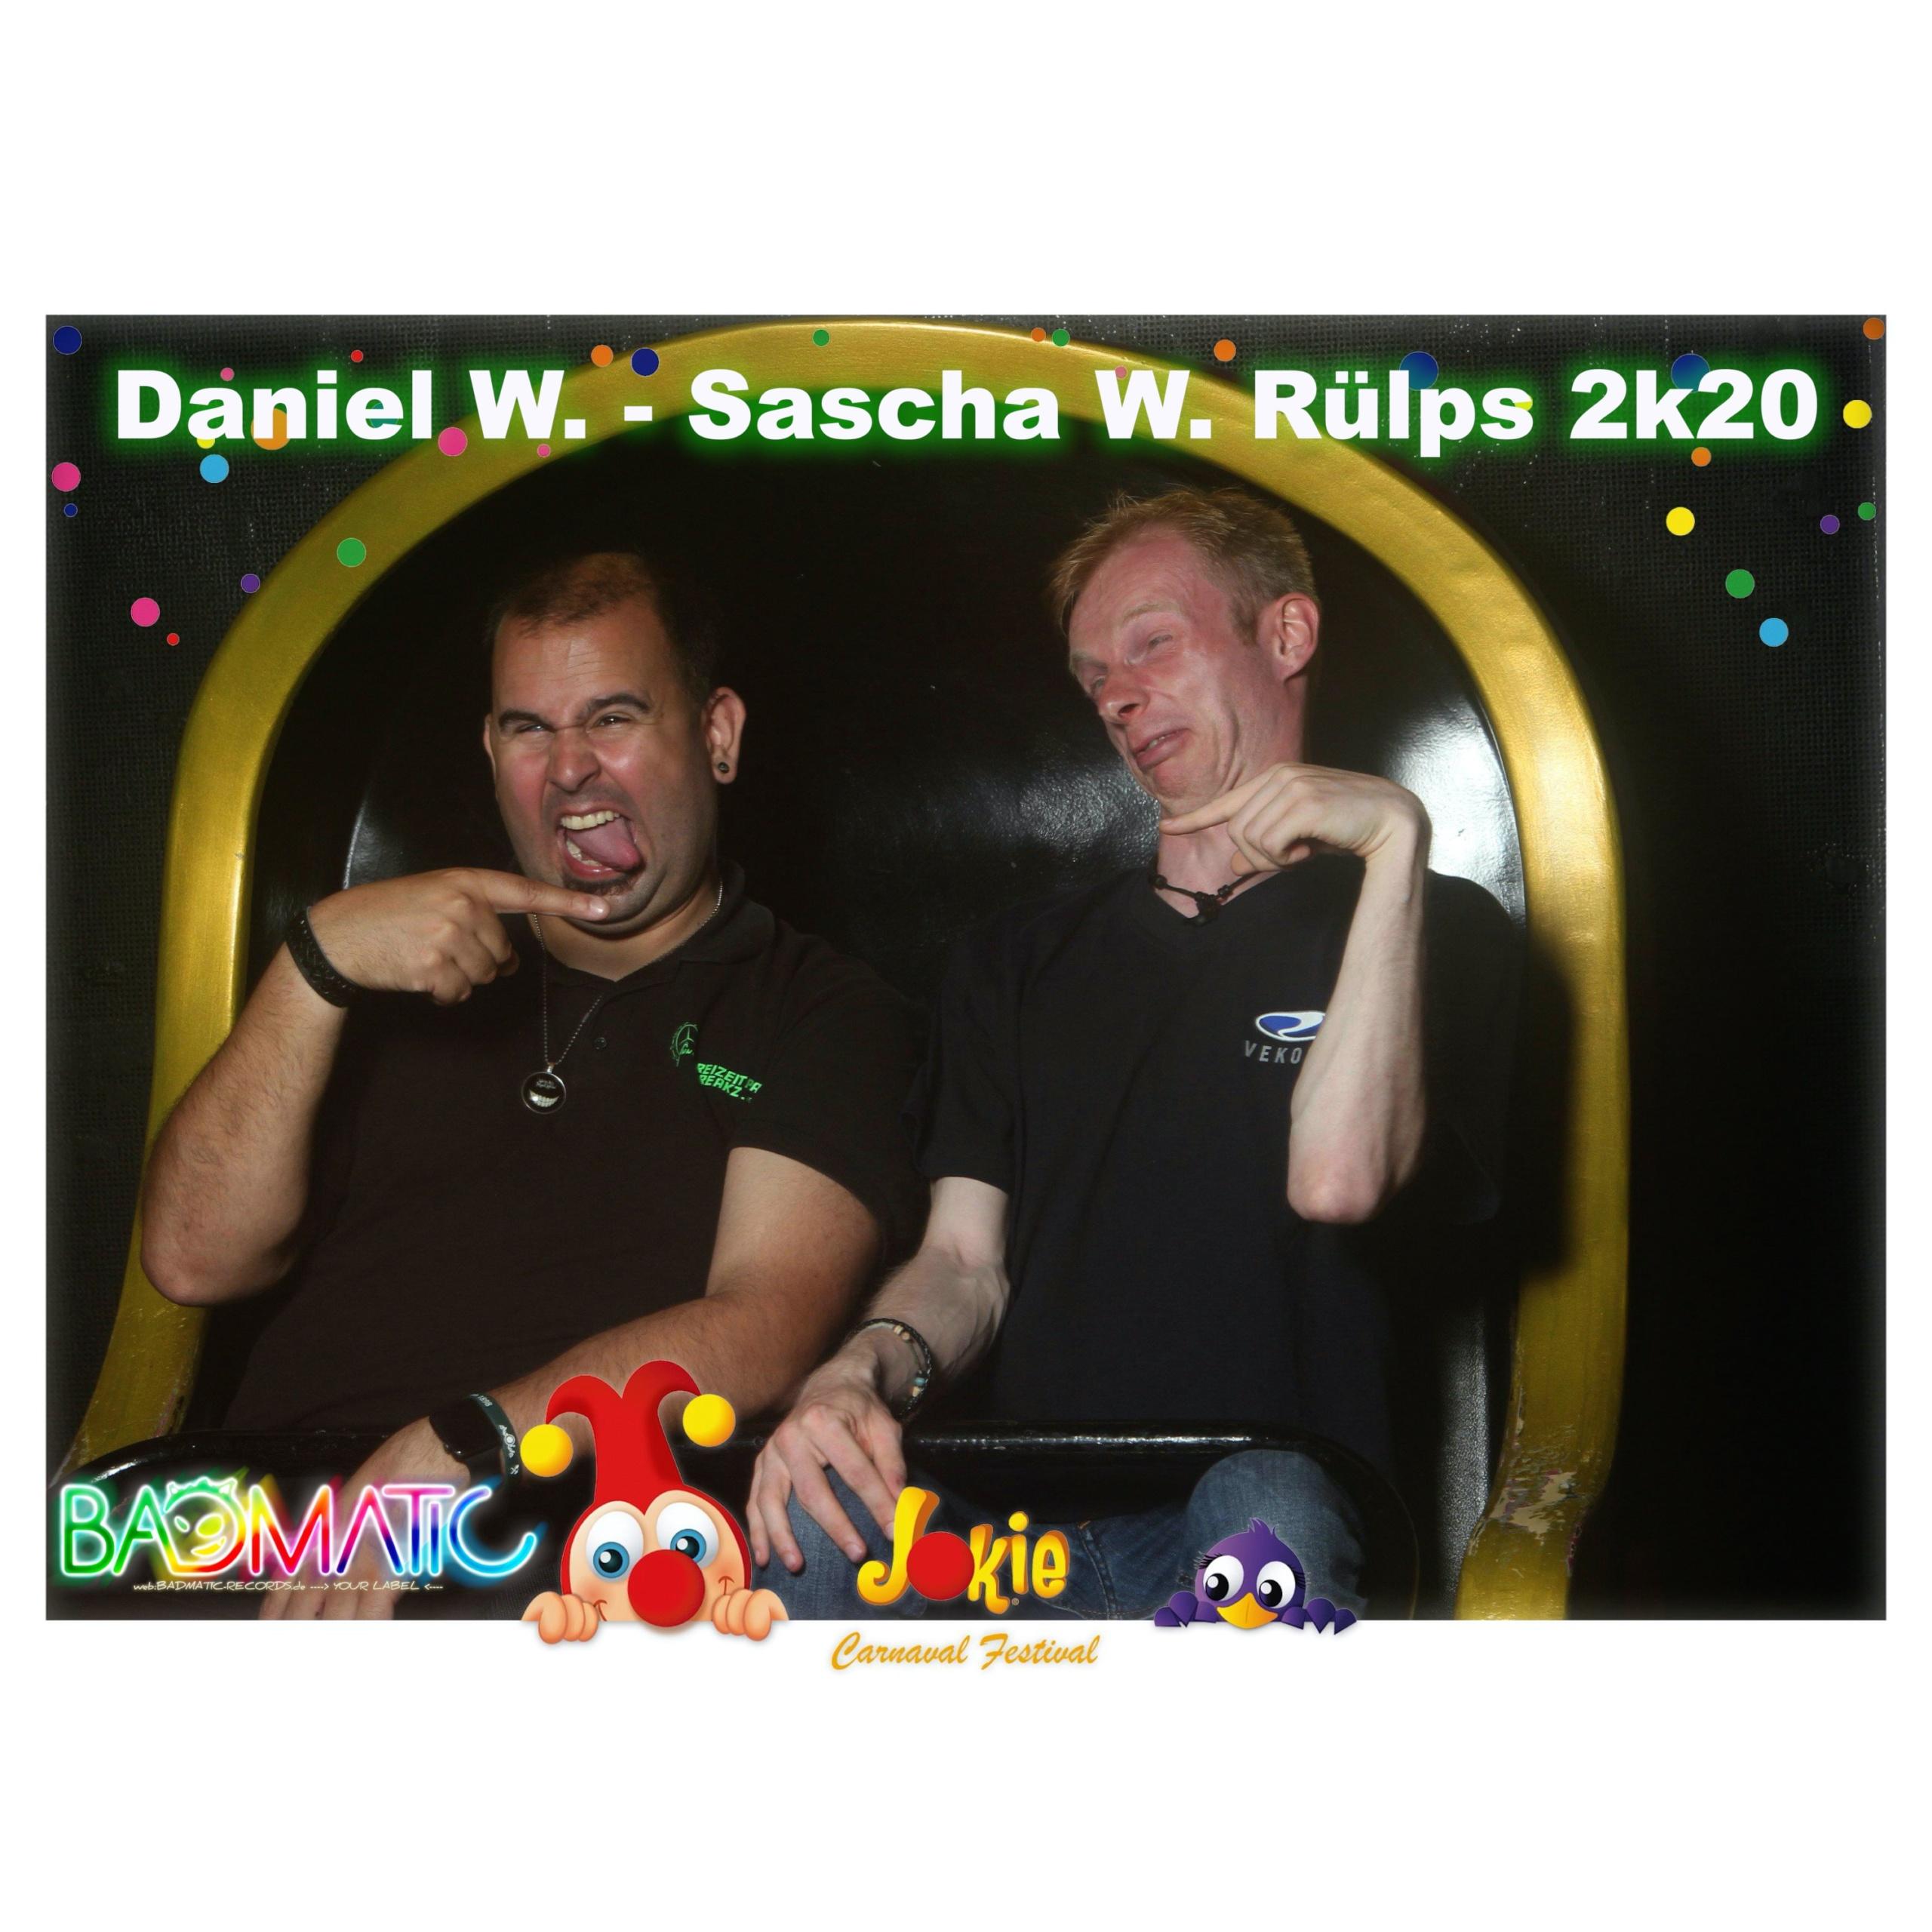 Sascha W. Rülps 2k20